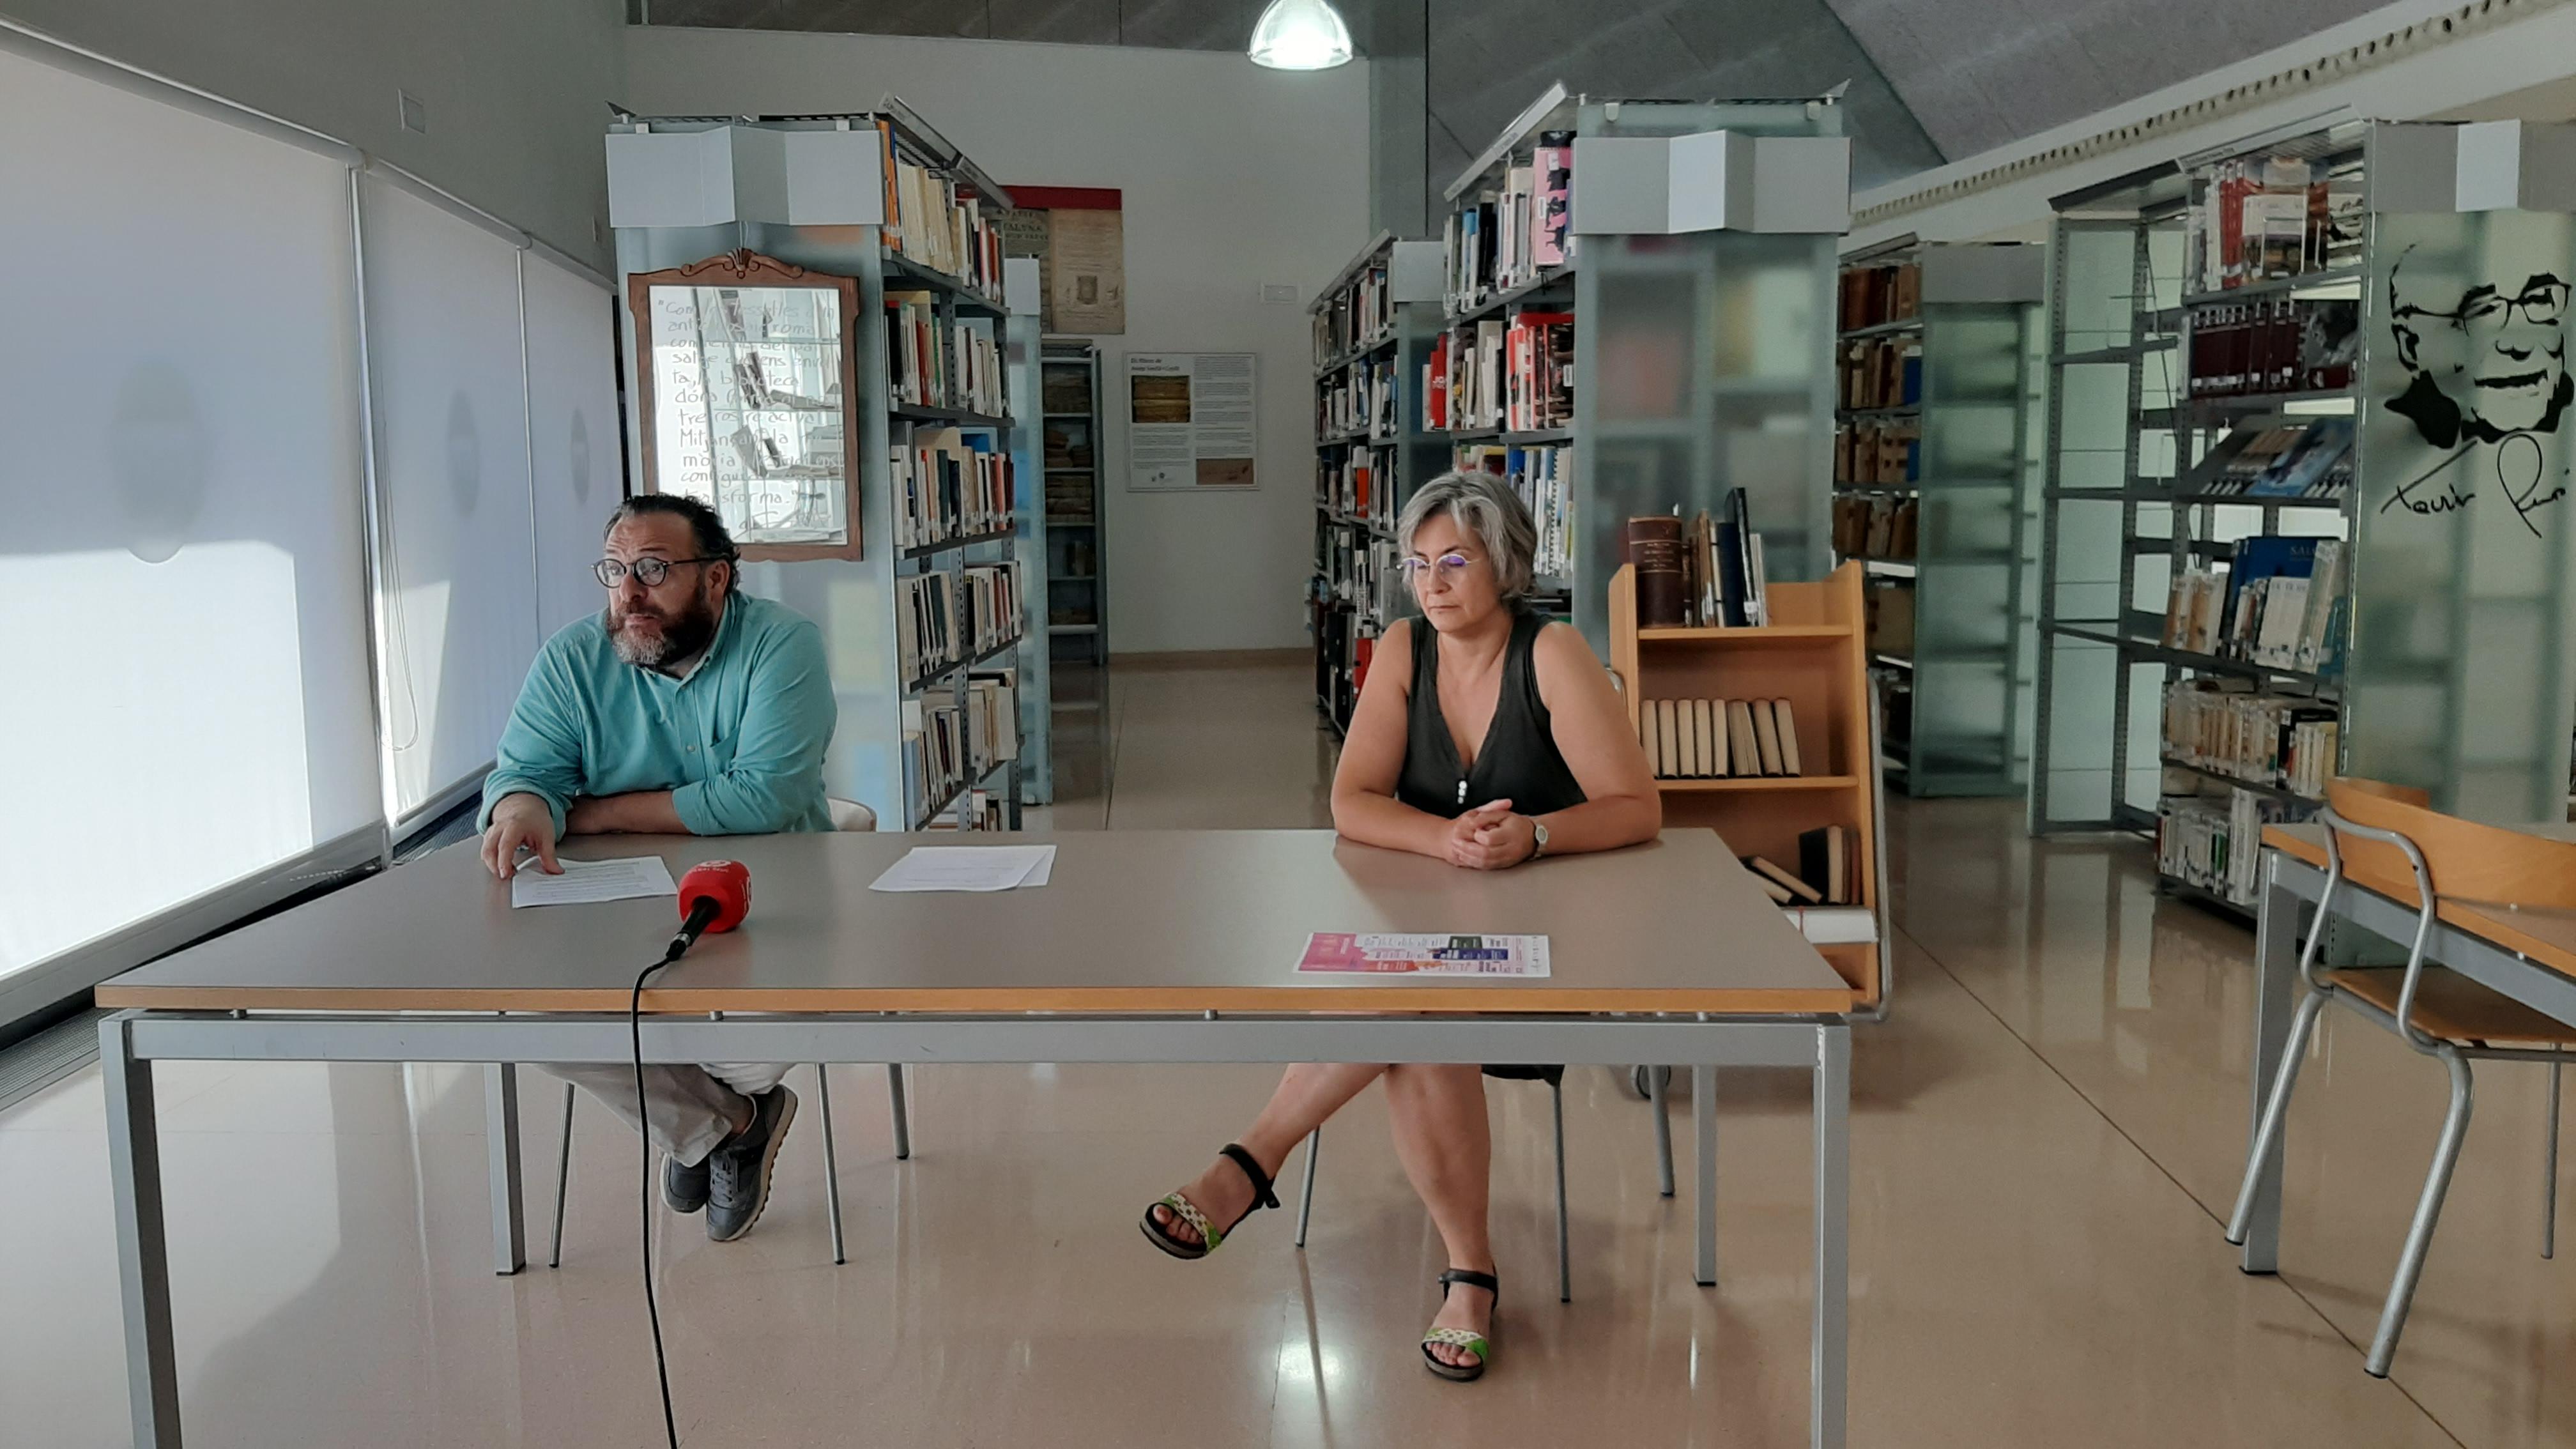 Les Biblioteques Municipals de Reus han presentat aquest matí el calendari d'activitats previst per als mesos de juliol i agost amb l'...